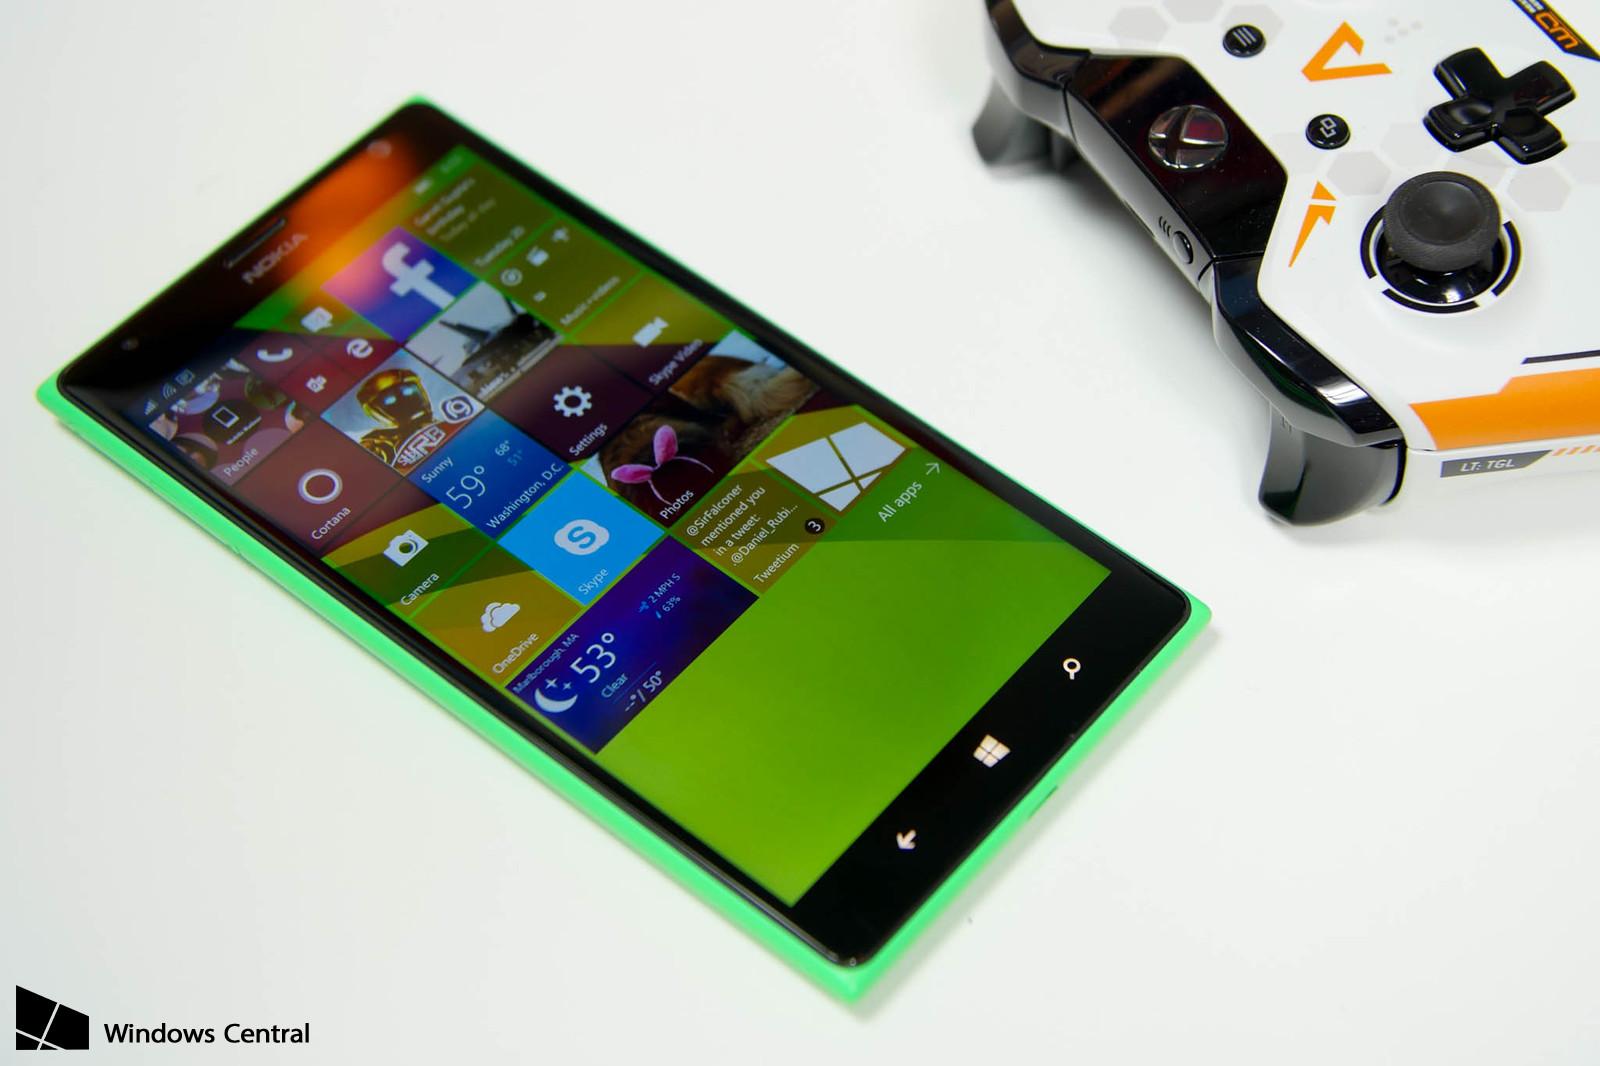 Em breve será possível jogar os jogos do Xbox no Windows 10 Mobile via Streaming